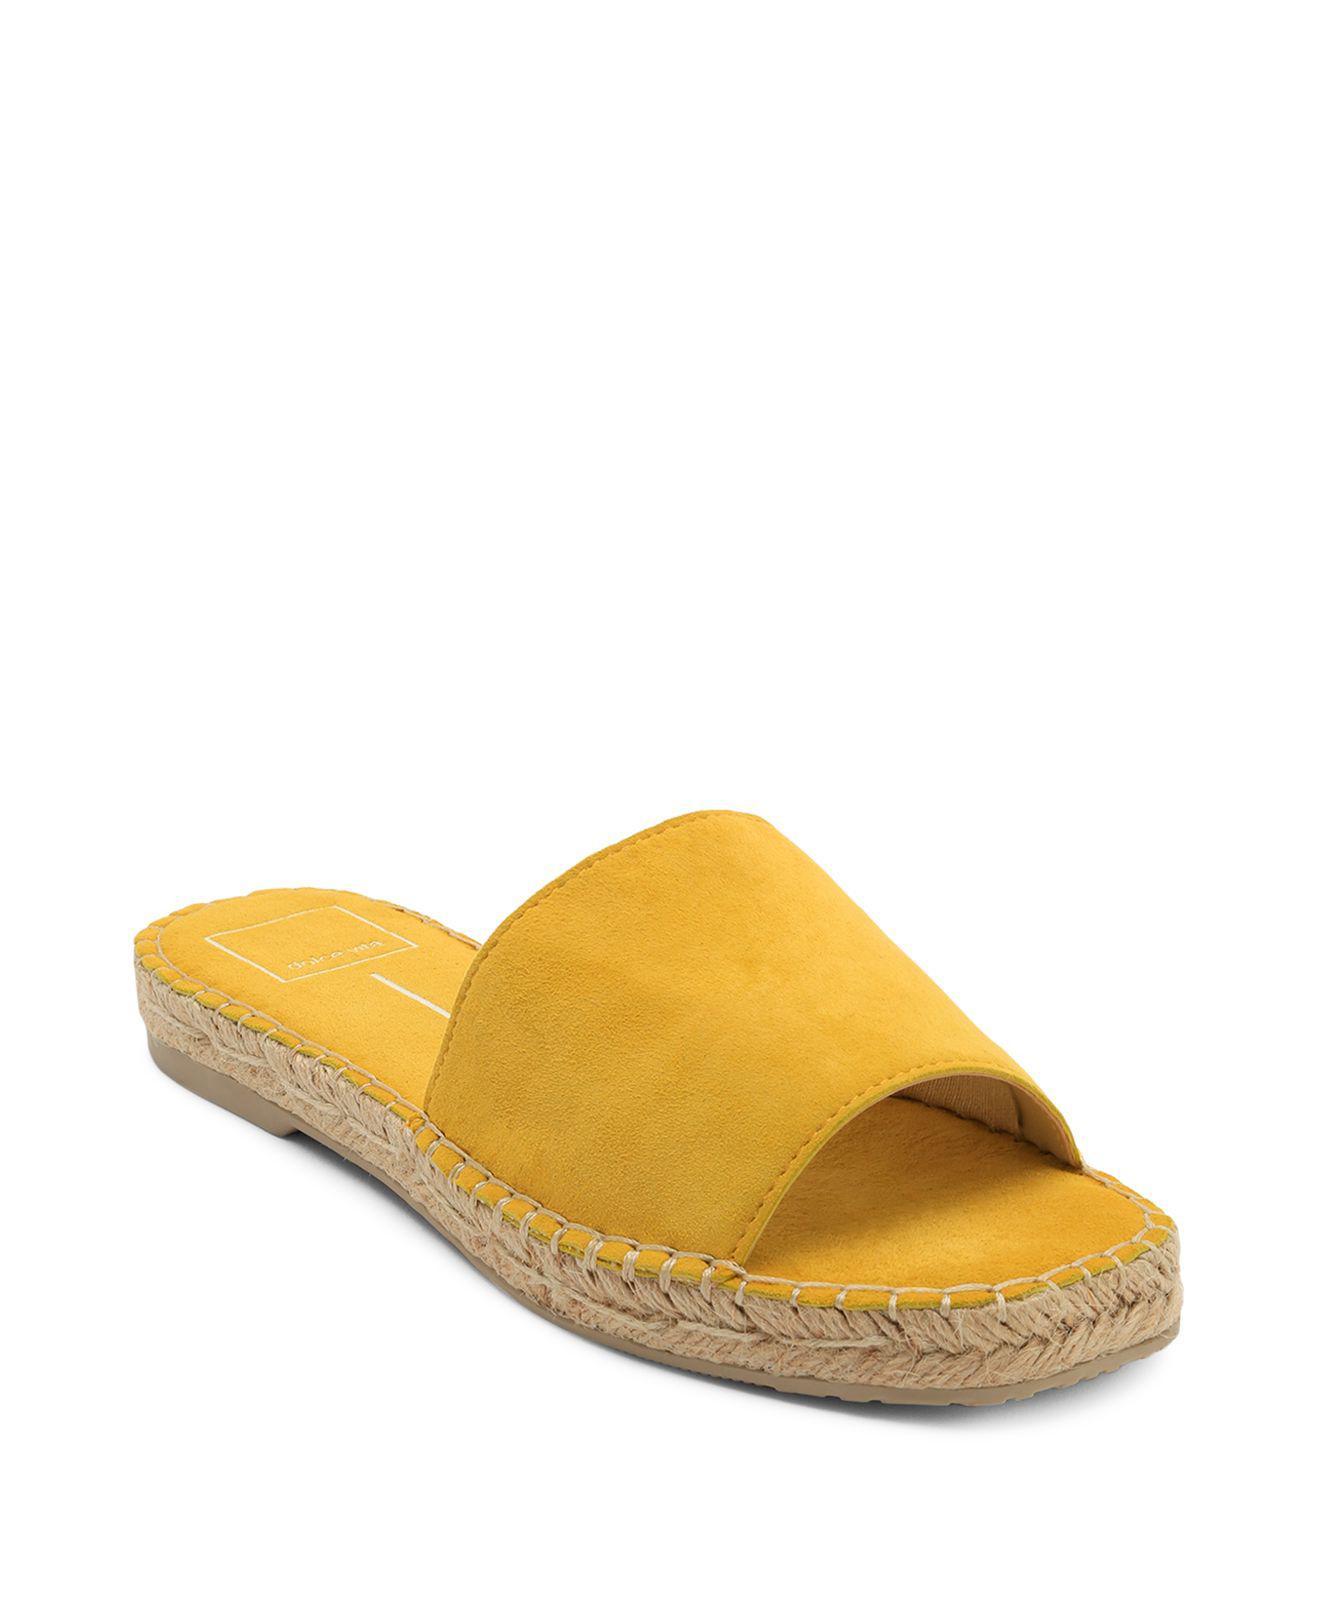 Dolce Vita Women's Bobbi Espadrille Slide Sandals LLxqYffZuF